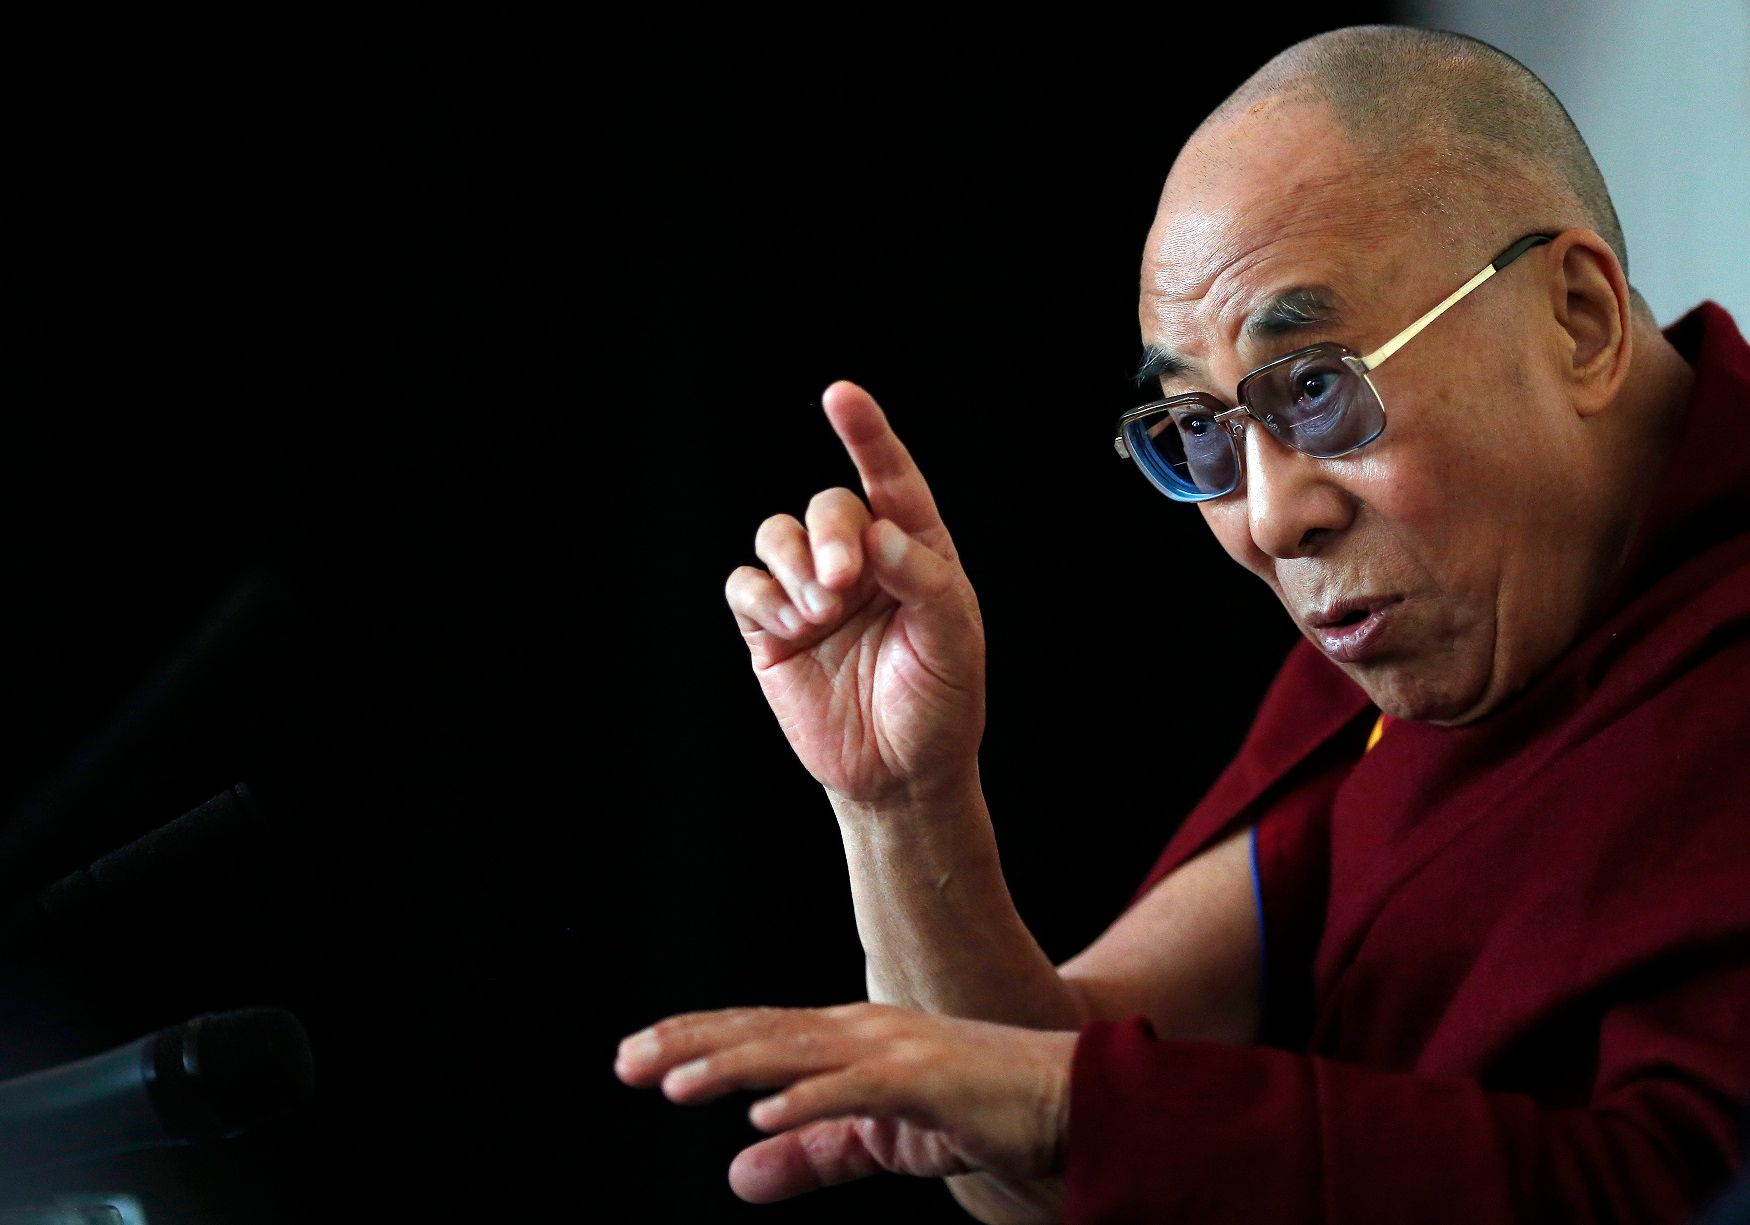 Crise des migrants : selon le dalaï-lama, trop de réfugiés se trouvent en Europe